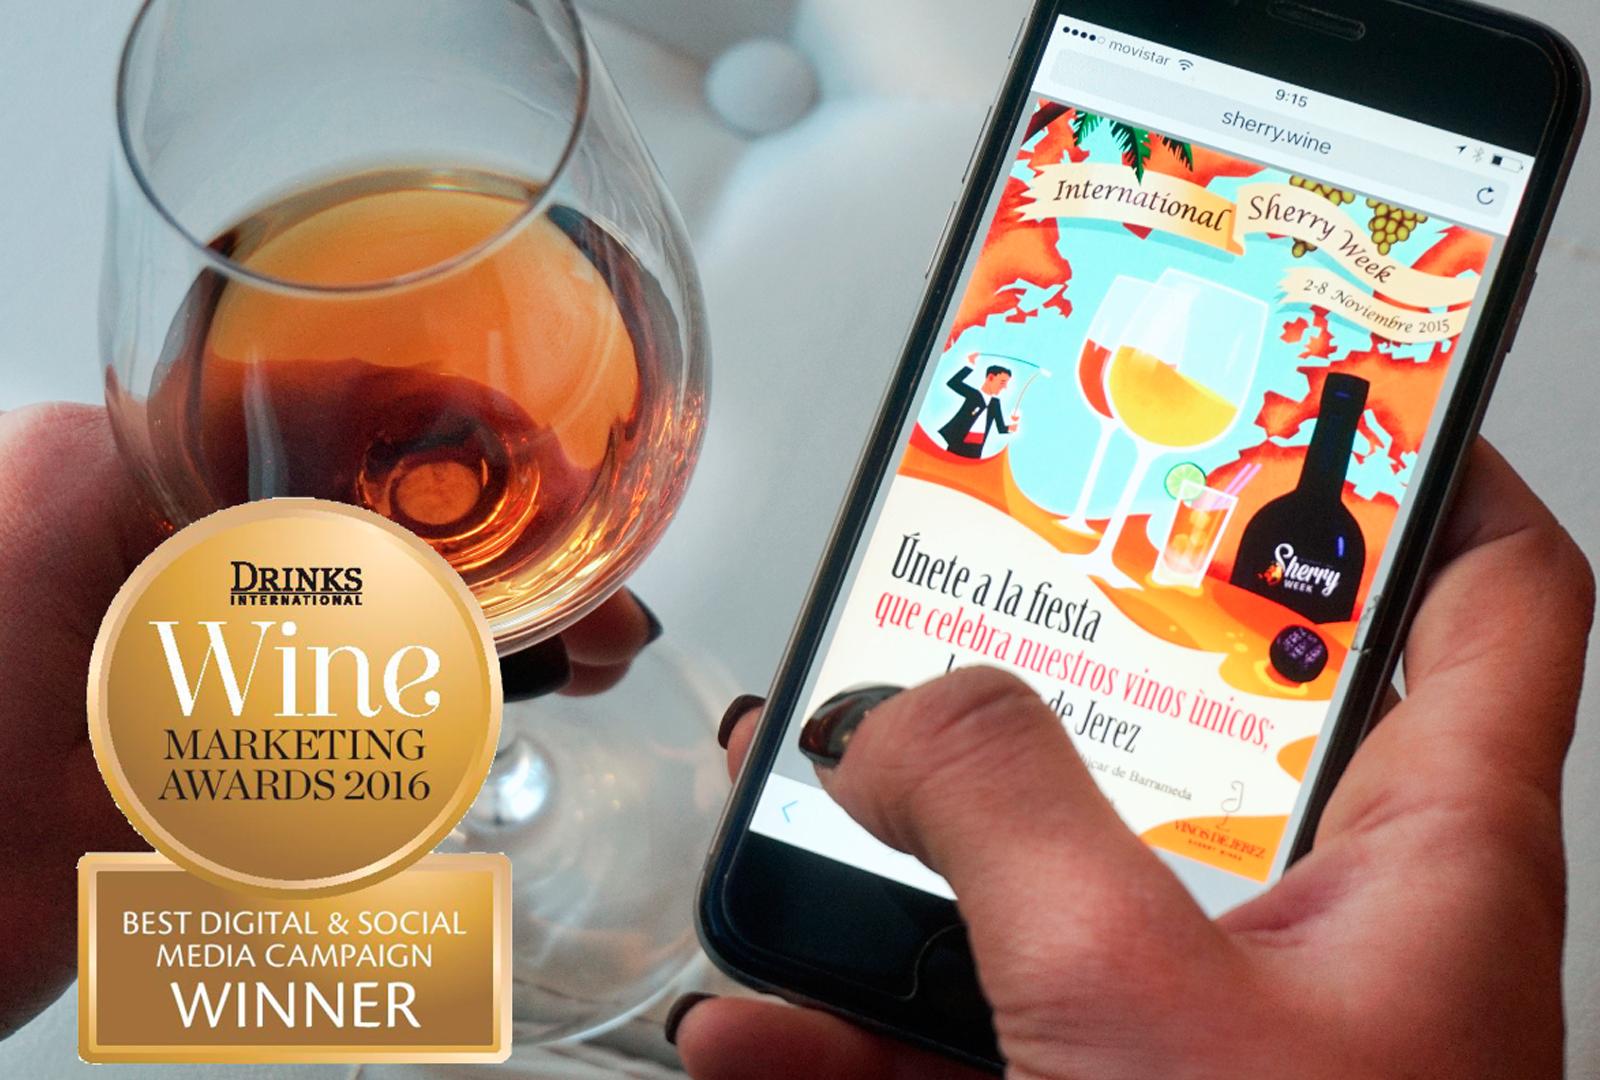 International Sherry Week premiado en los Drinks International Awards